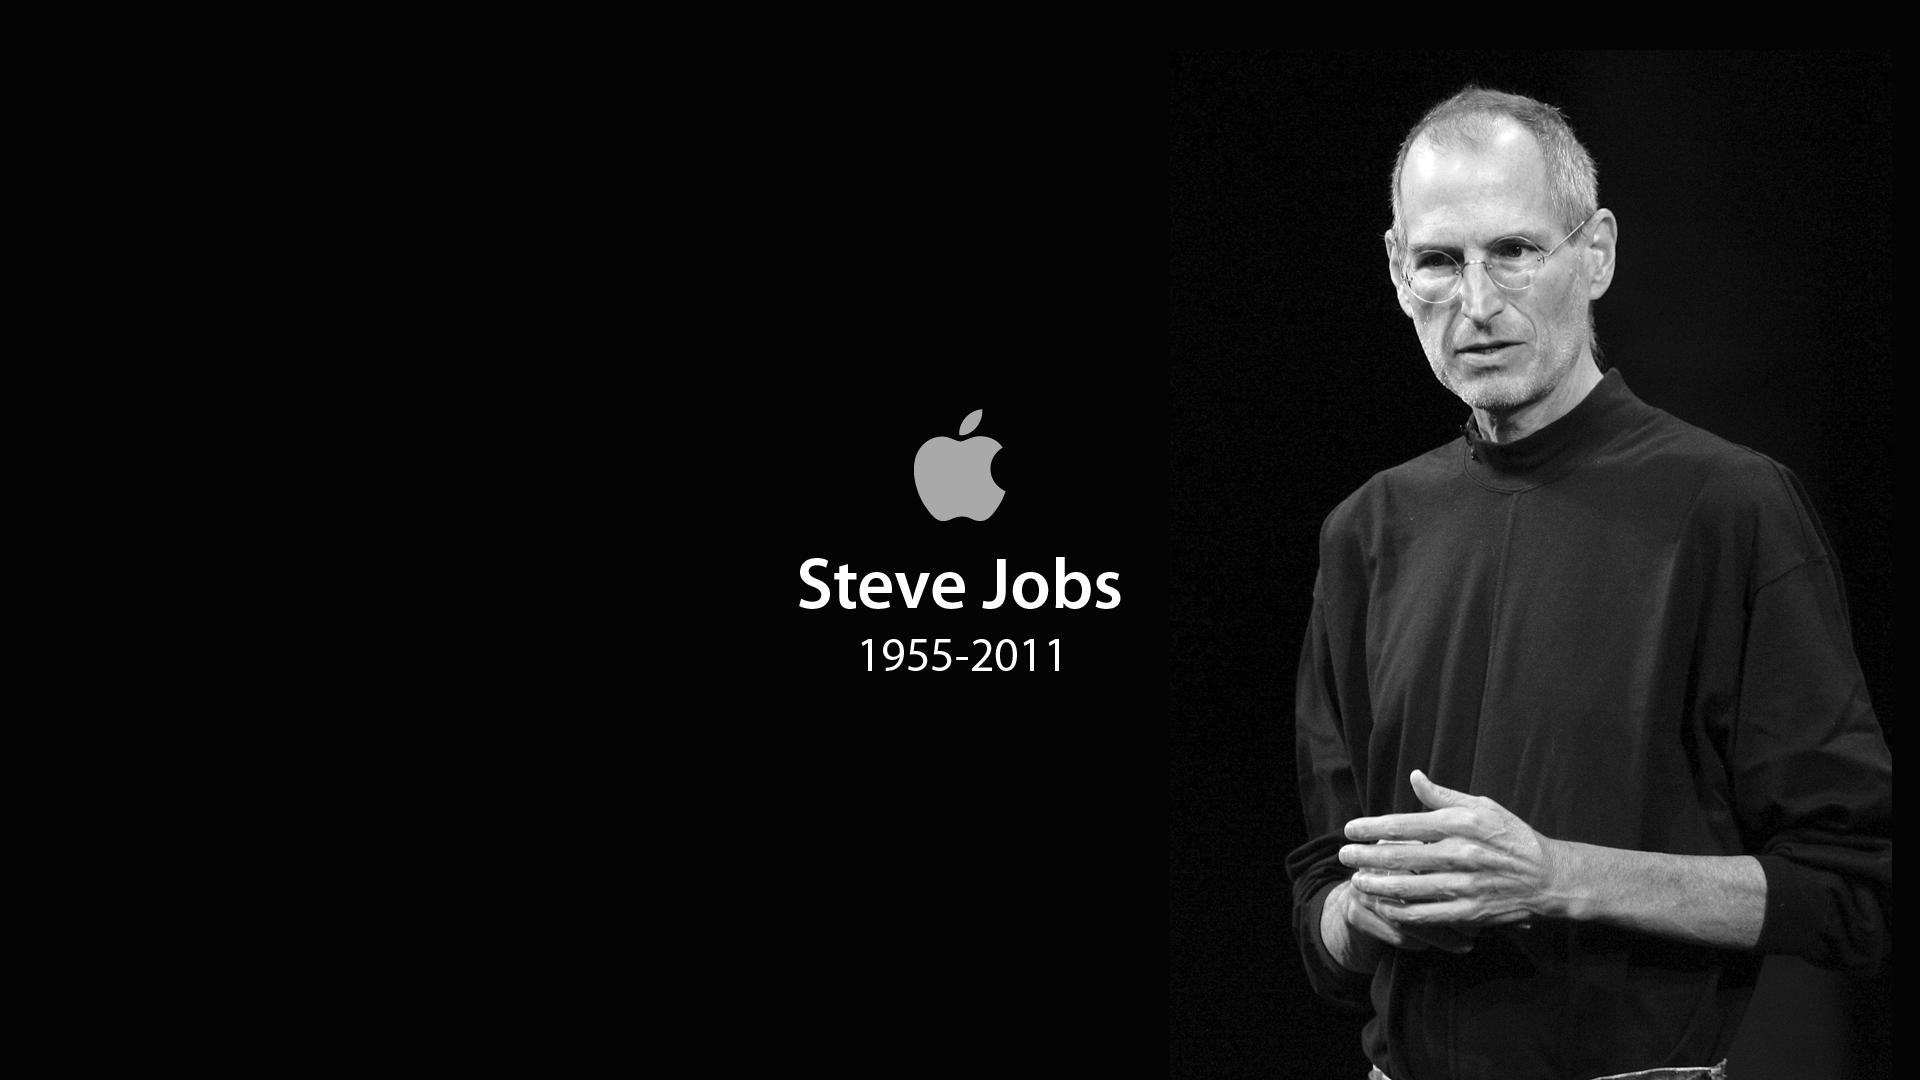 Steve jobs high definition wallpapers - Steve jobs wallpaper download ...